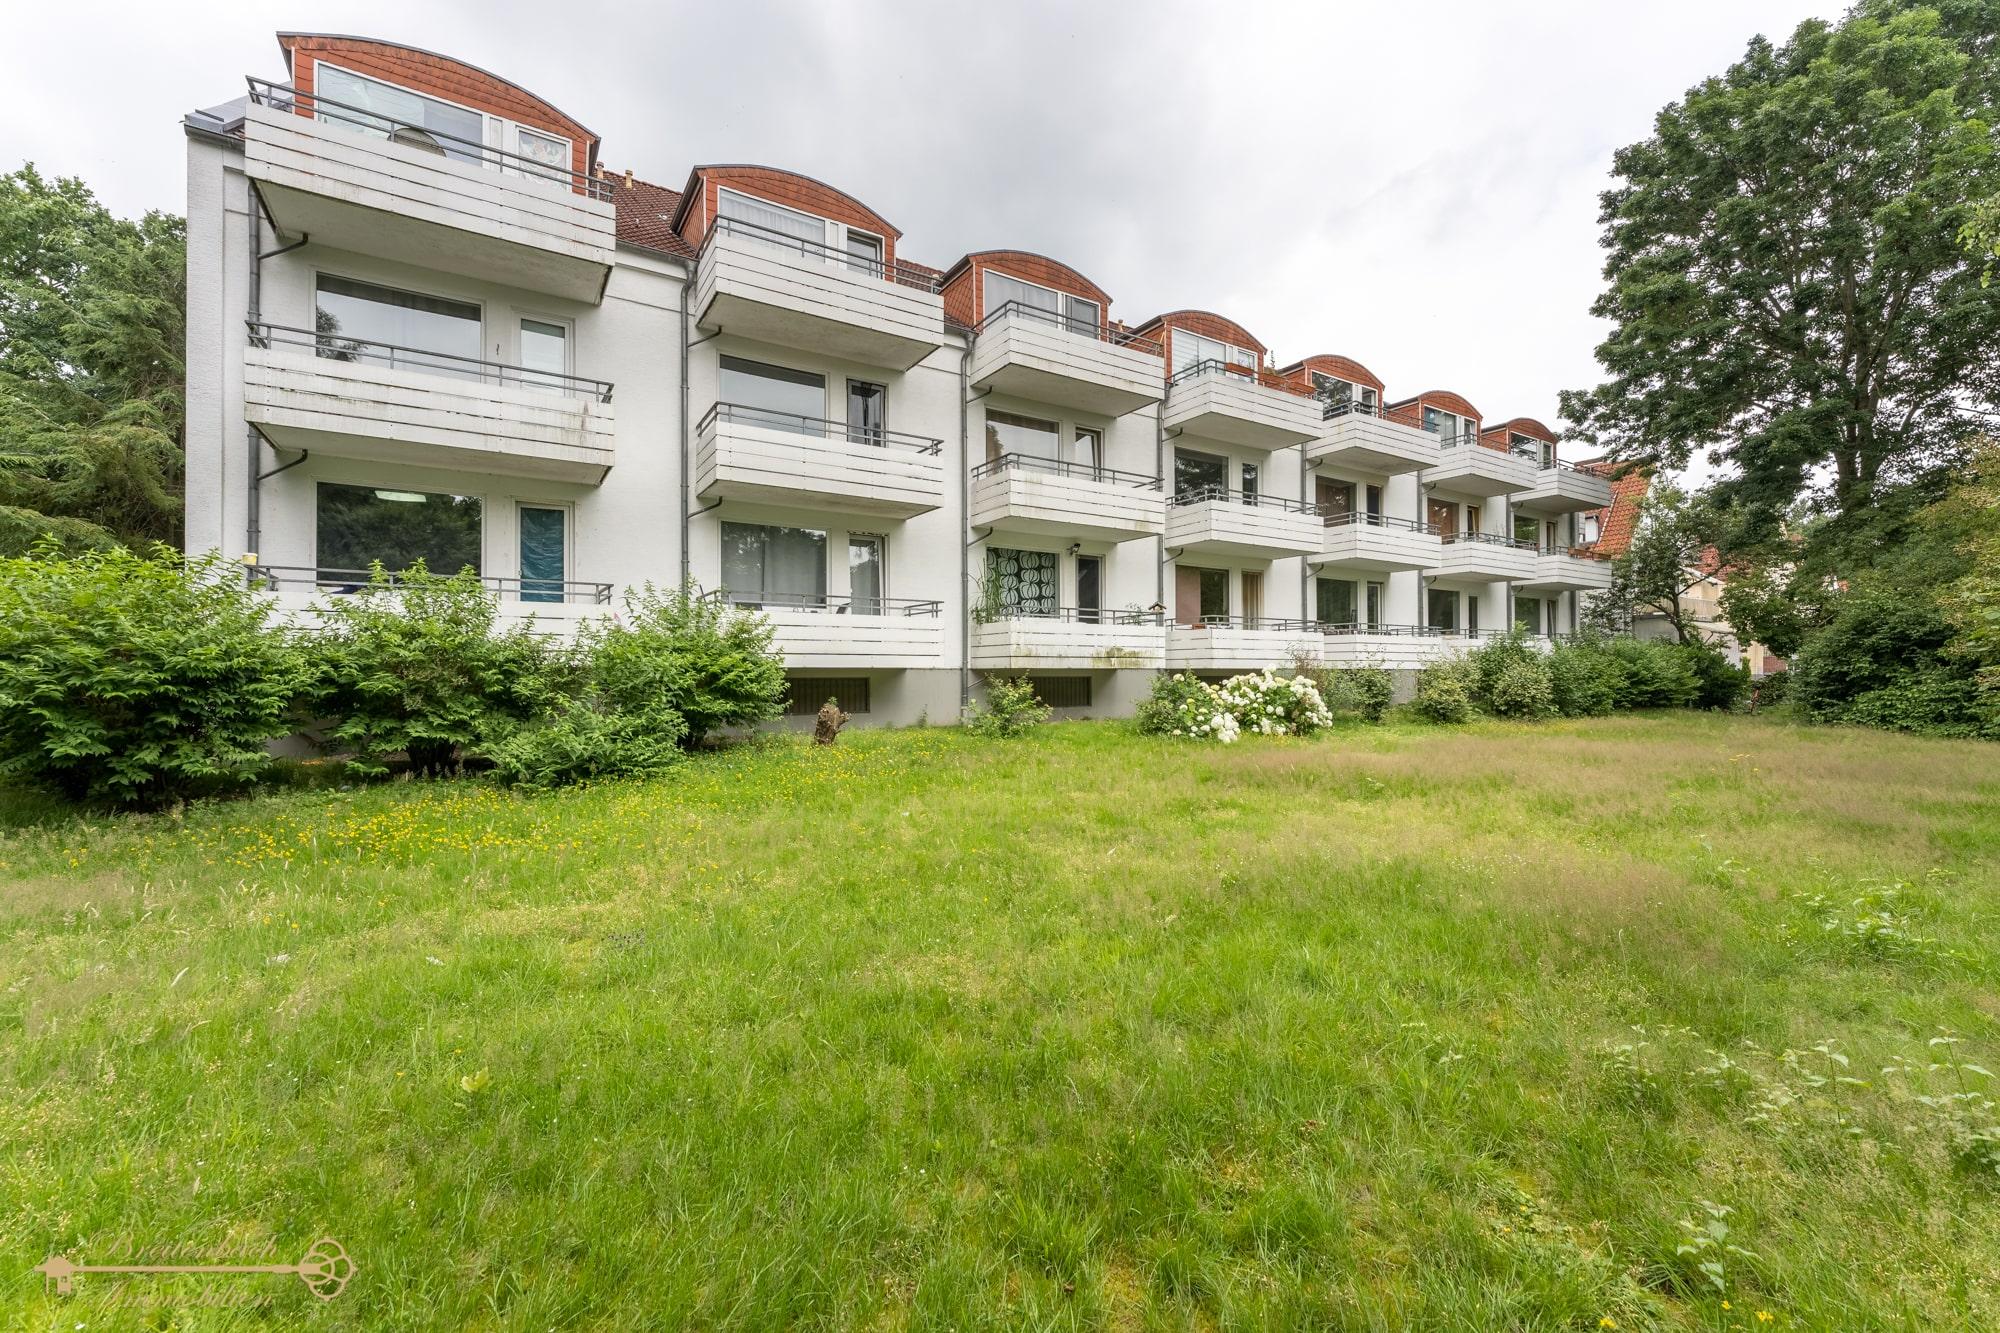 2021-07-10-Breitenbach-Immobilien-Makler-Bremen-11-min